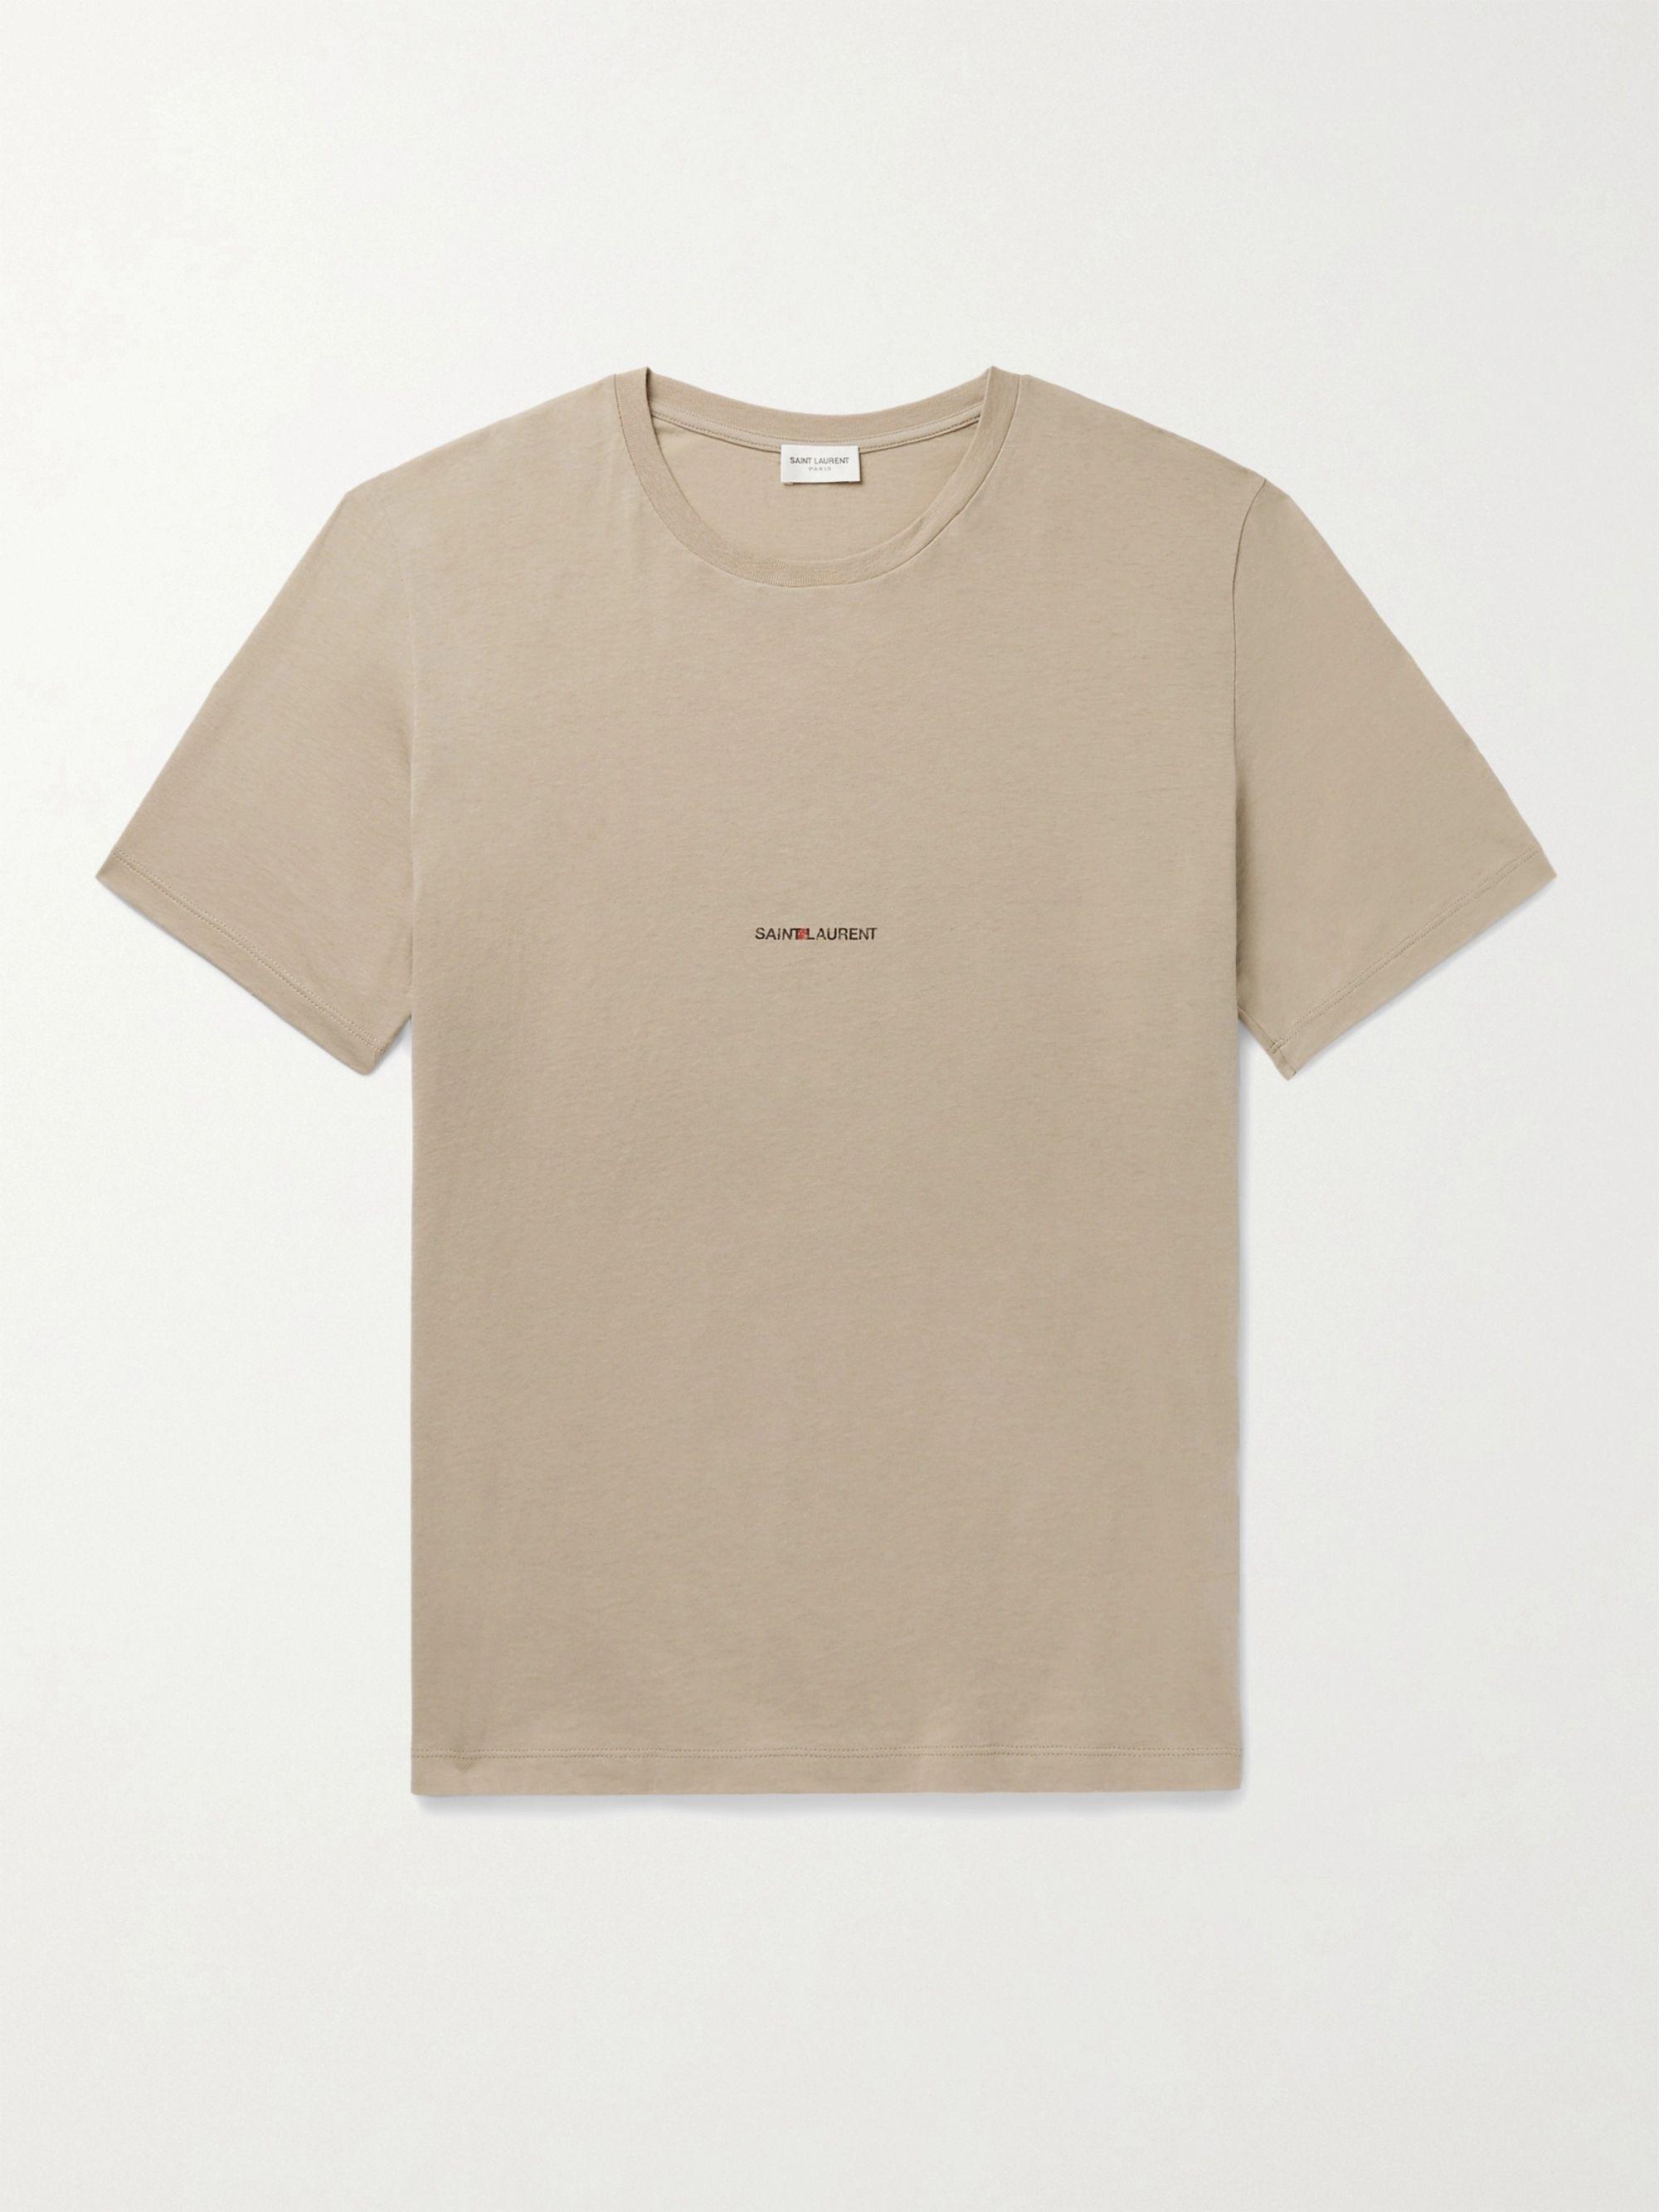 생 로랑 Saint Laurent Cotton-Jersey T-Shirt,Beige